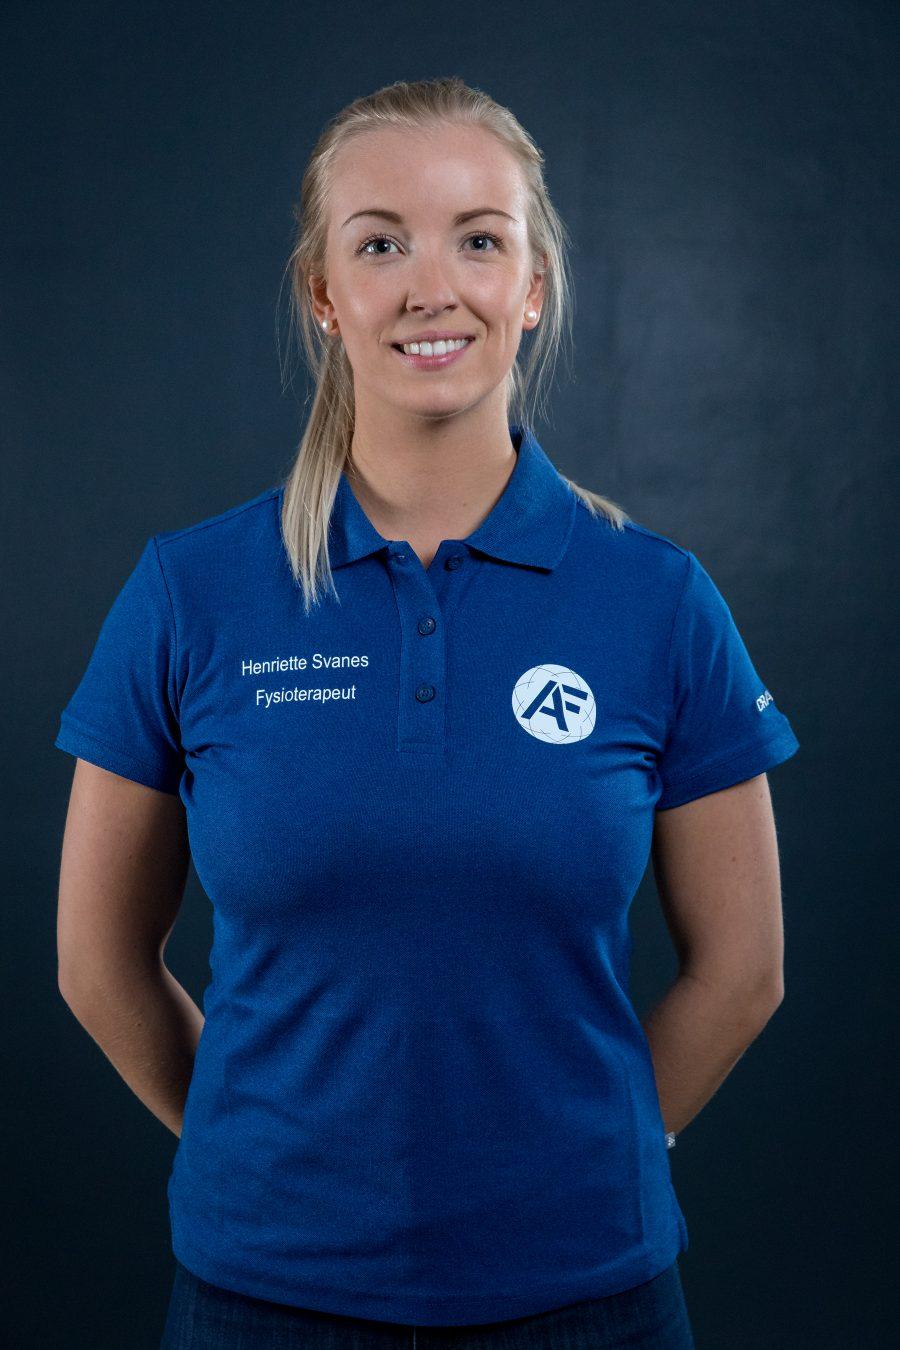 Henriette Svanes